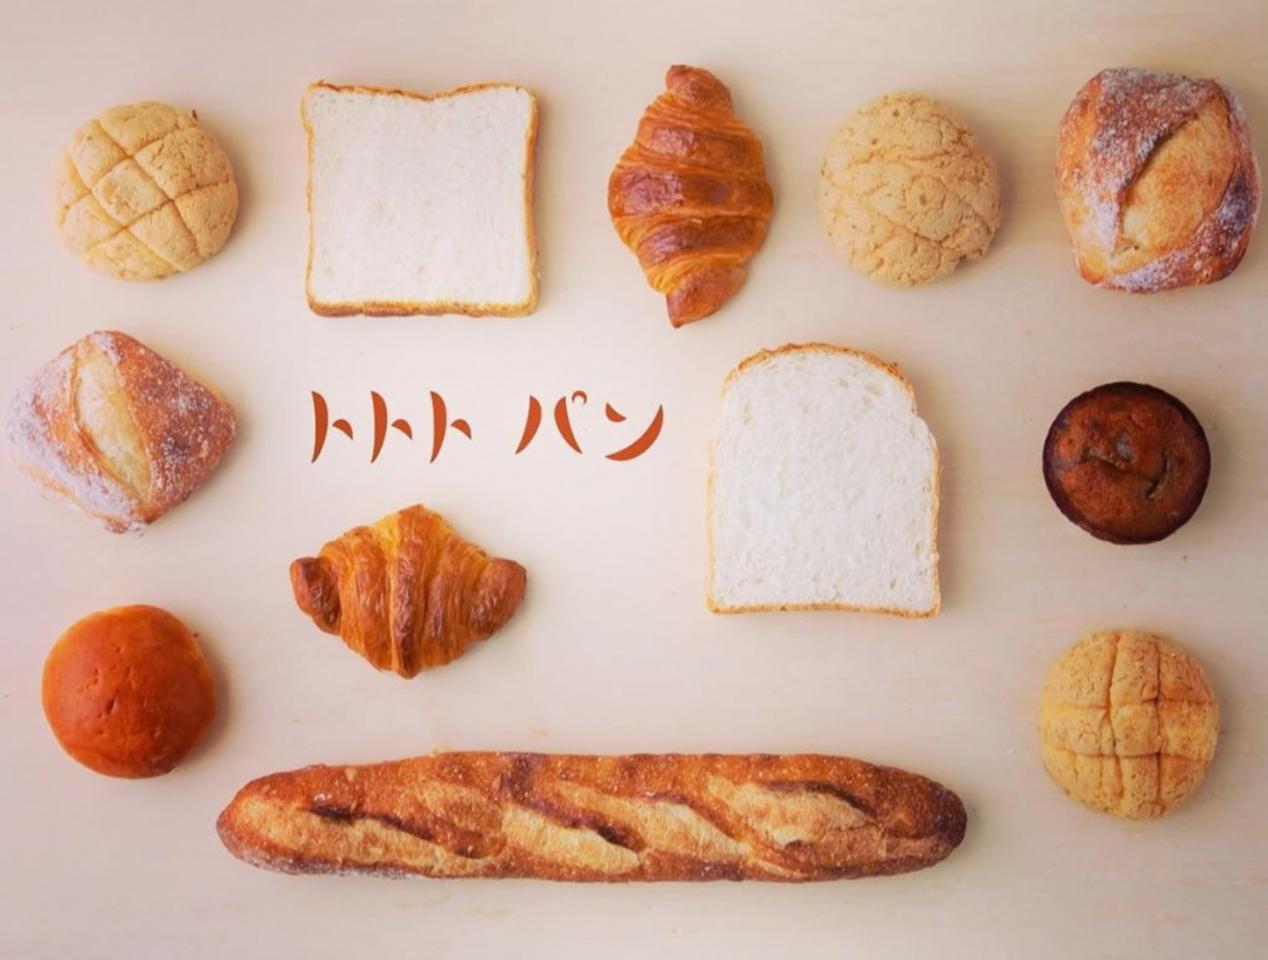 松山市美沢2丁目にまちのパン屋さん「トトトパン」がオープンされたようです。